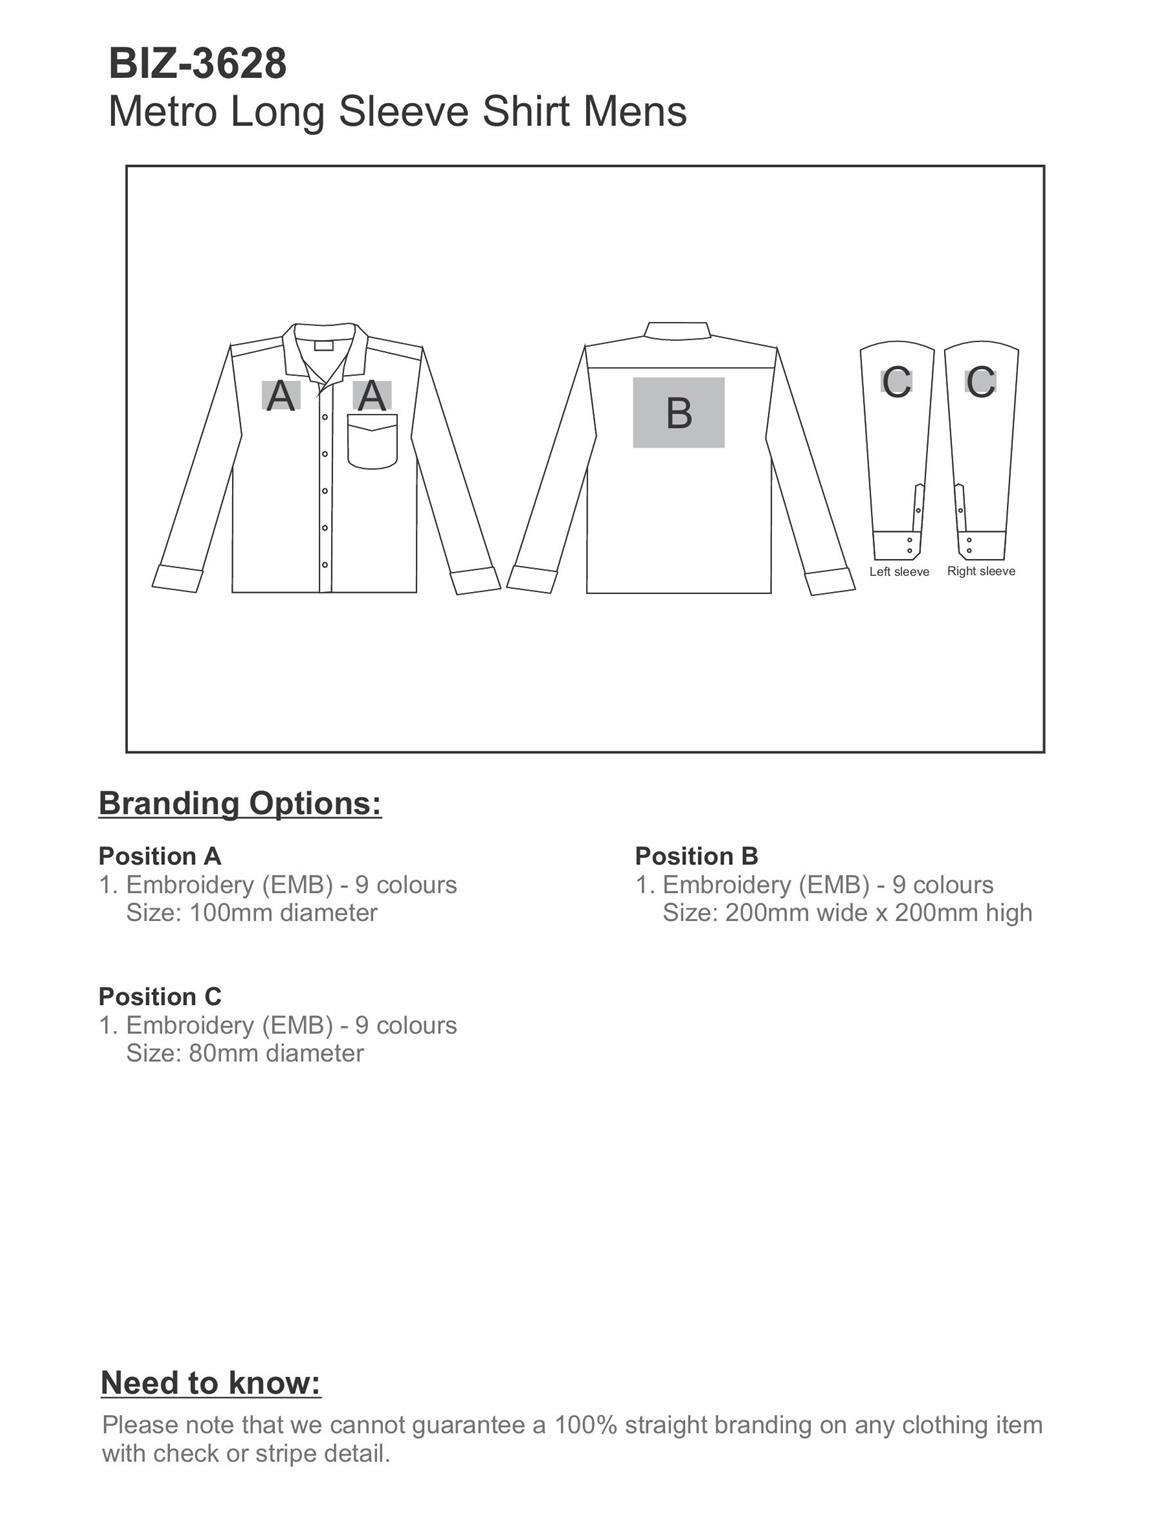 BIZ-3628 product layout